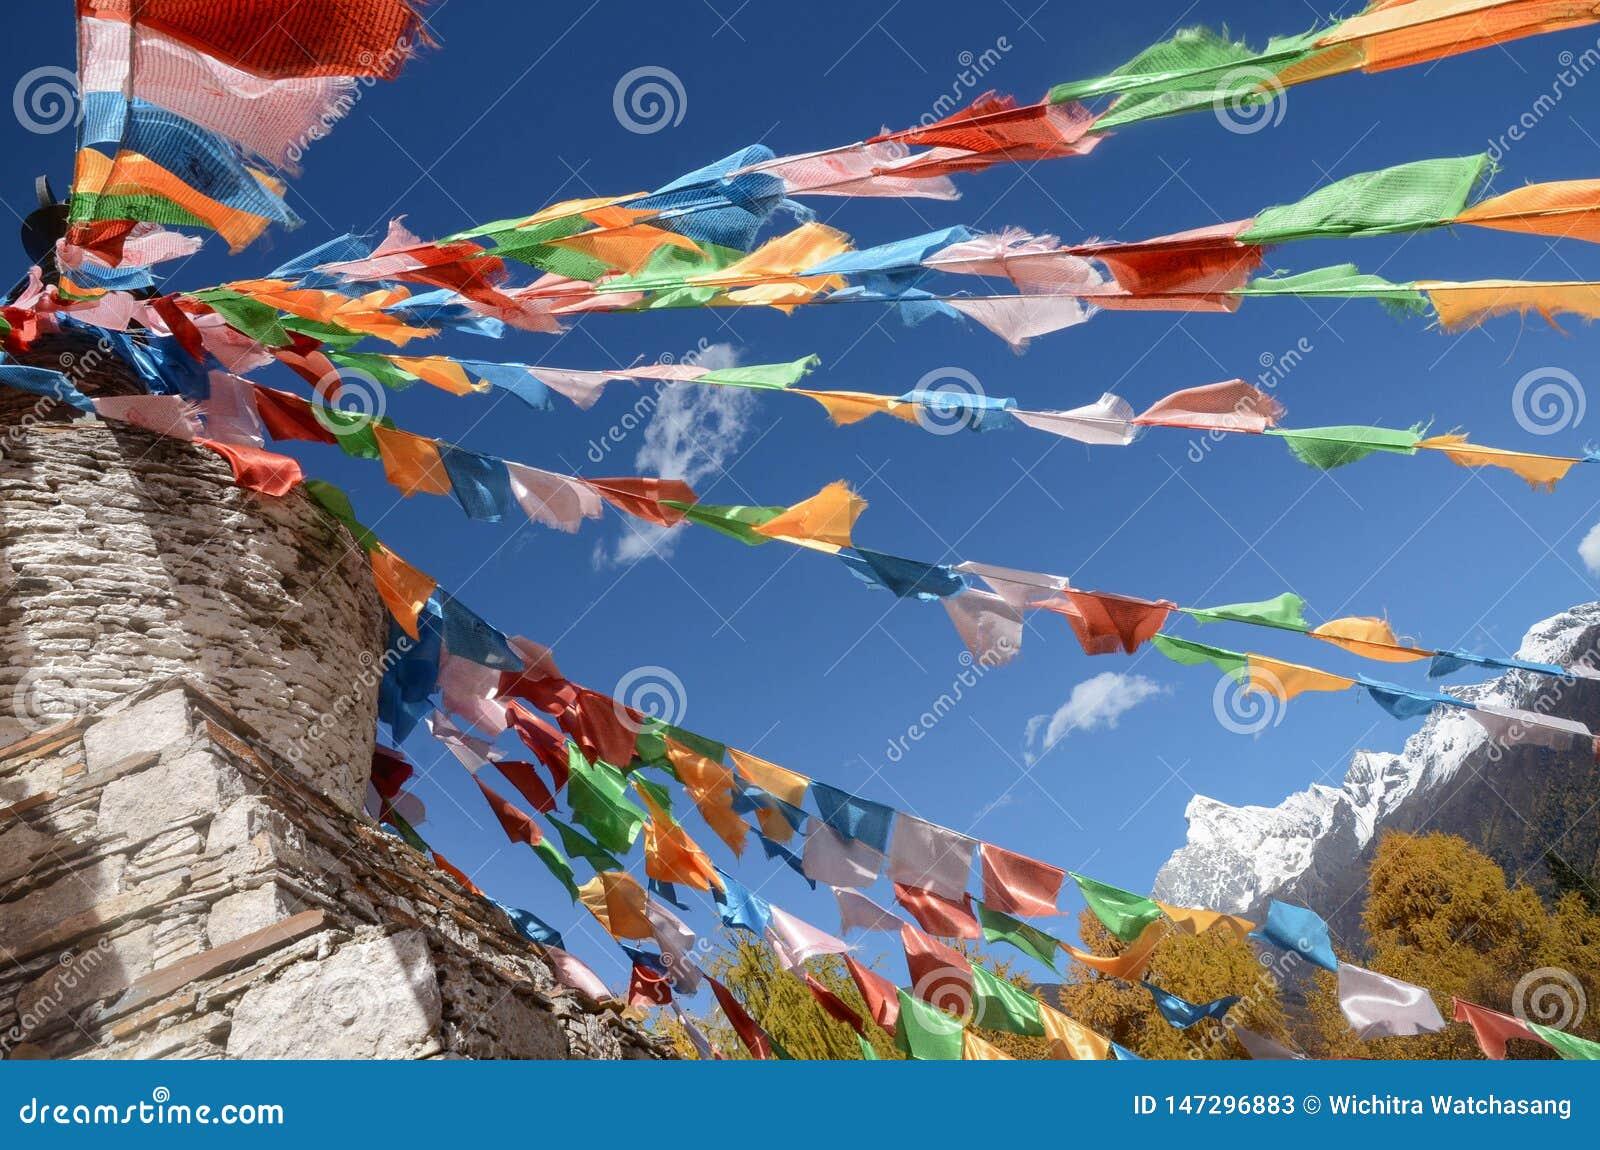 Drapeaux et montagne tib?tains color?s de neige ? la r?gion sc?nique de Siguniang, Chine